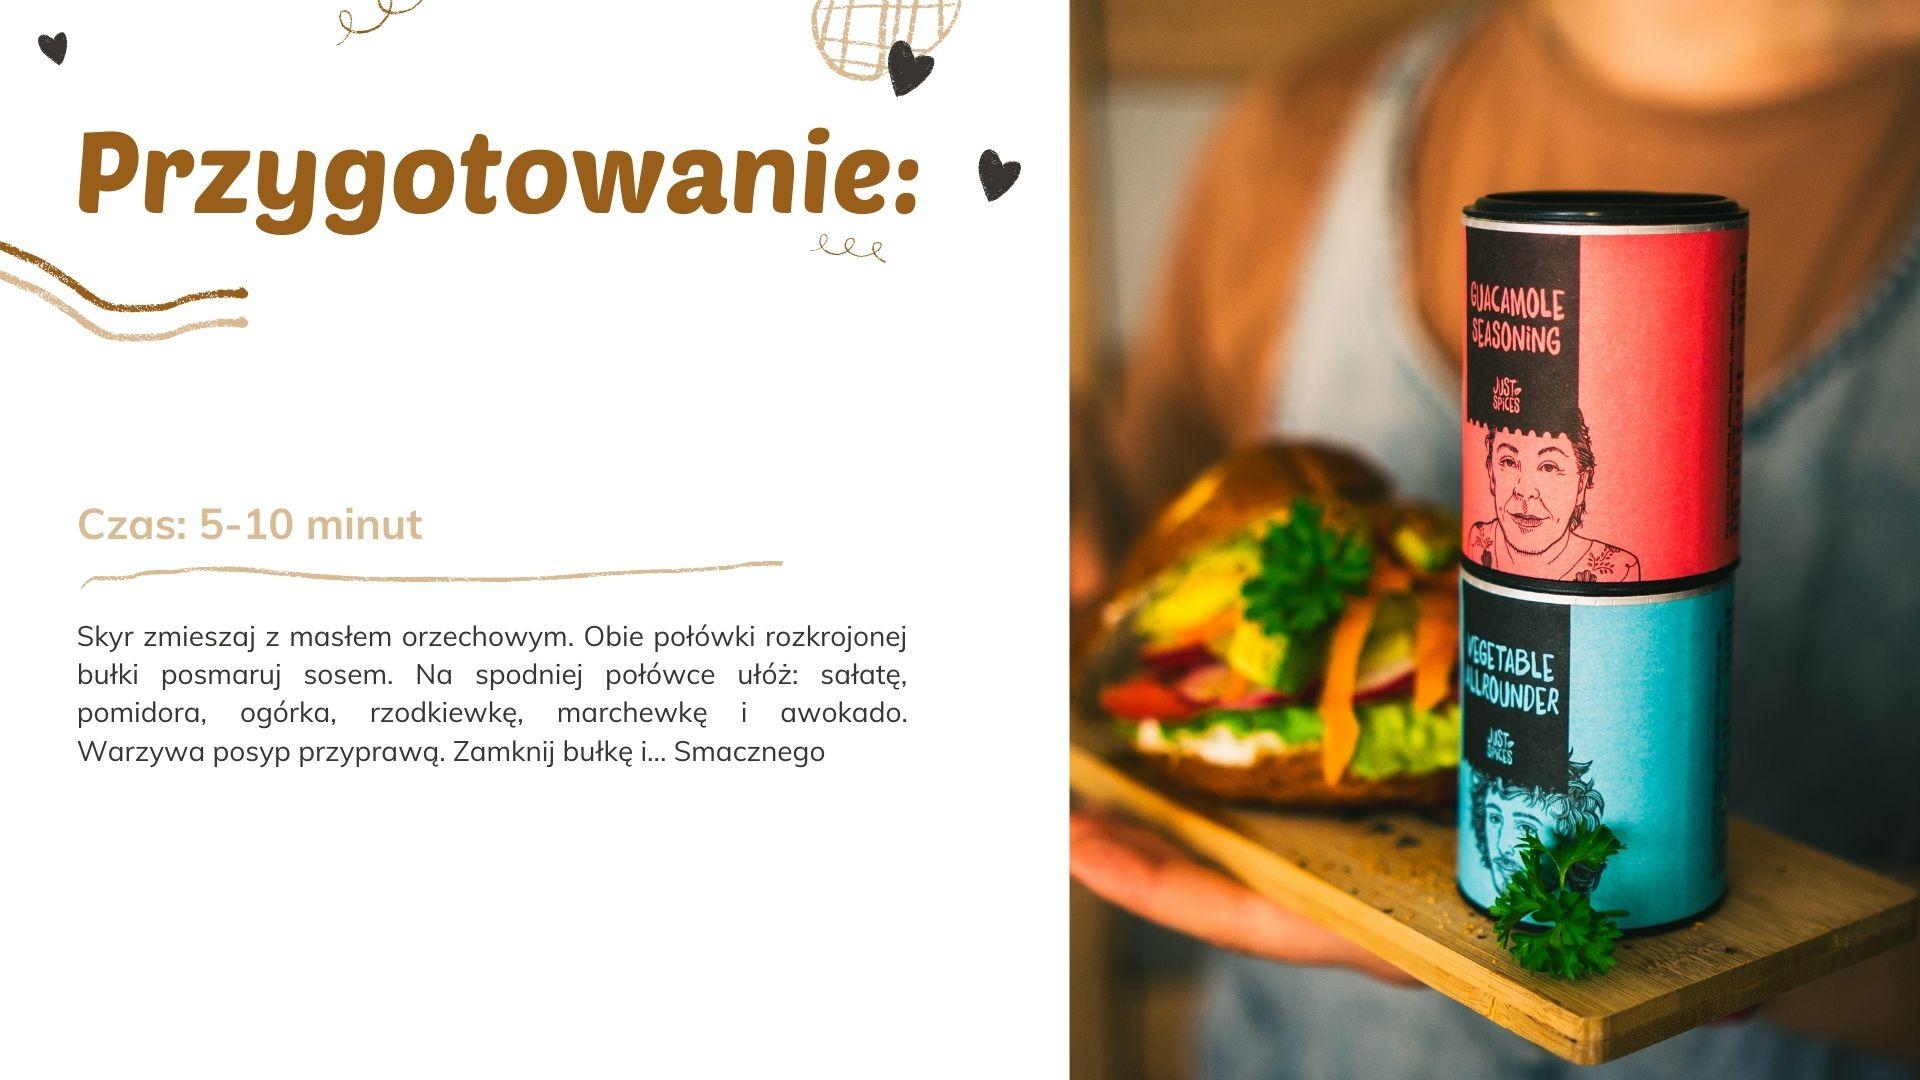 przepis na fit zdrowe śniadanie ze świerzymi warzywami kanapka wegańska z masłem orzechowym i awokado zniżka przyprawy just spices jedzenie przepis przepisy niskokaloryczne dieta